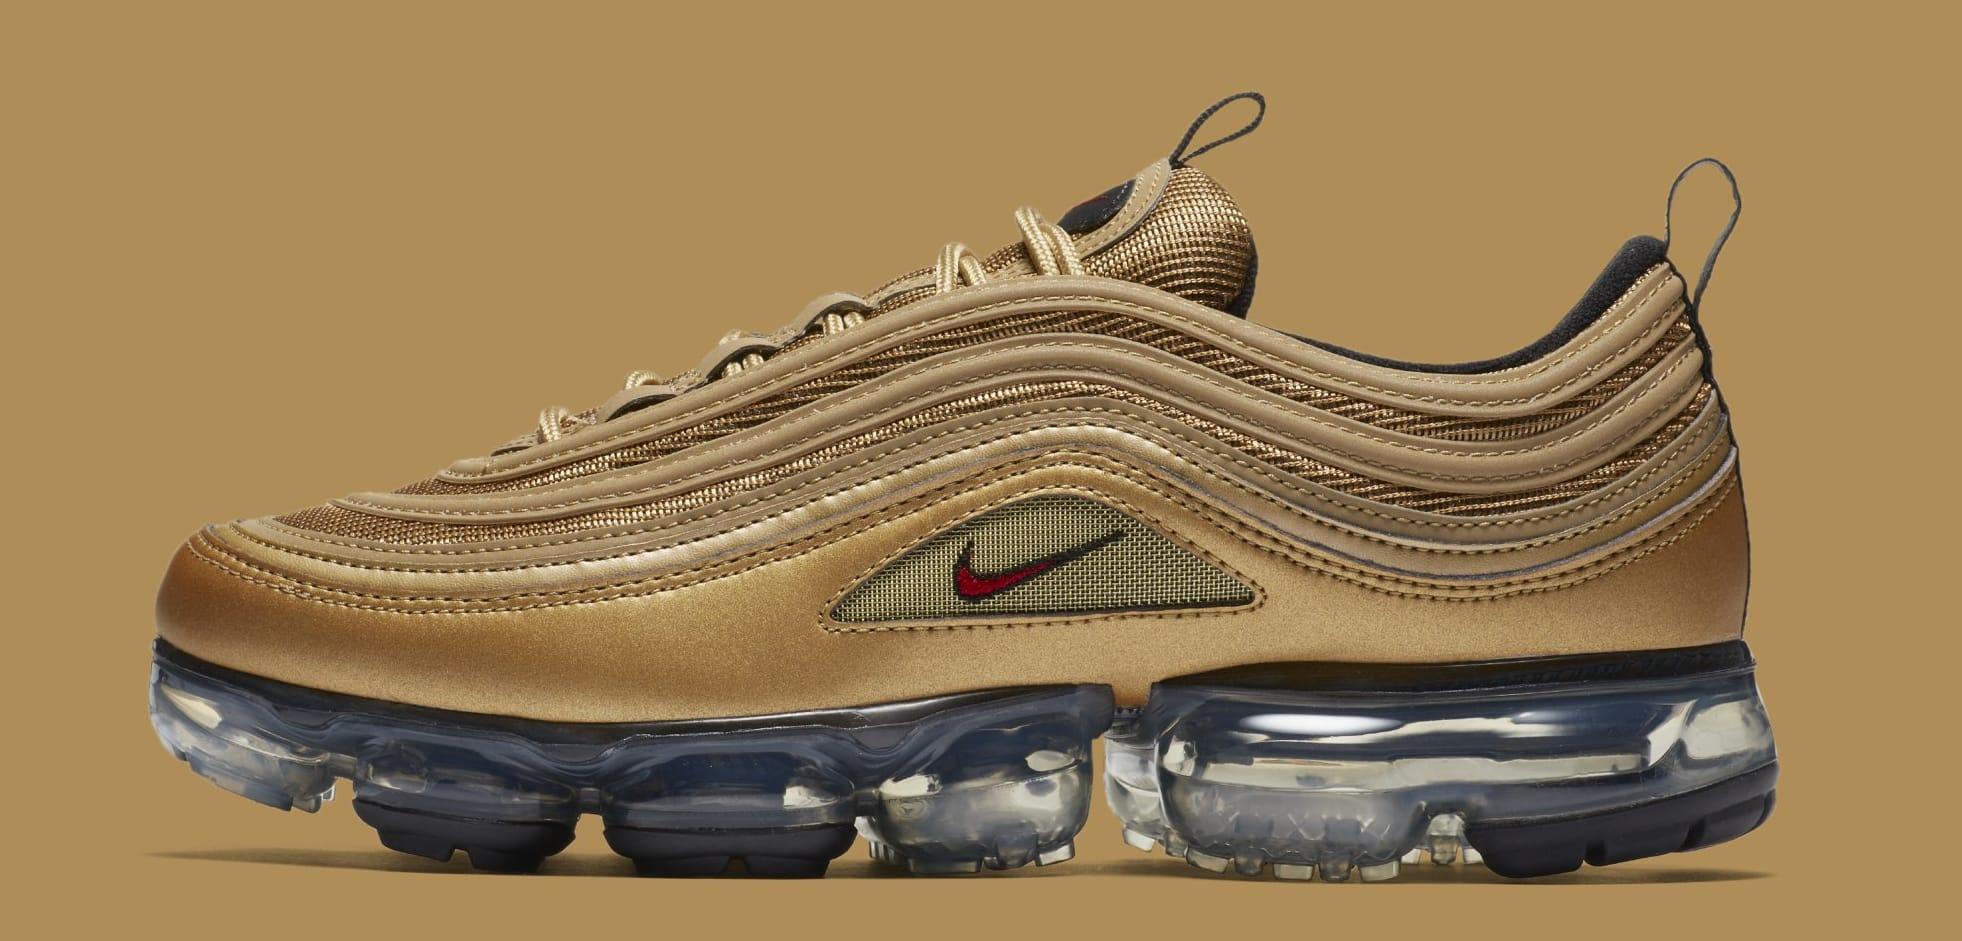 official photos 3c4db 348e3 Nike Air VaporMax 97 'Metallic Gold' AJ7291-700 Release ...